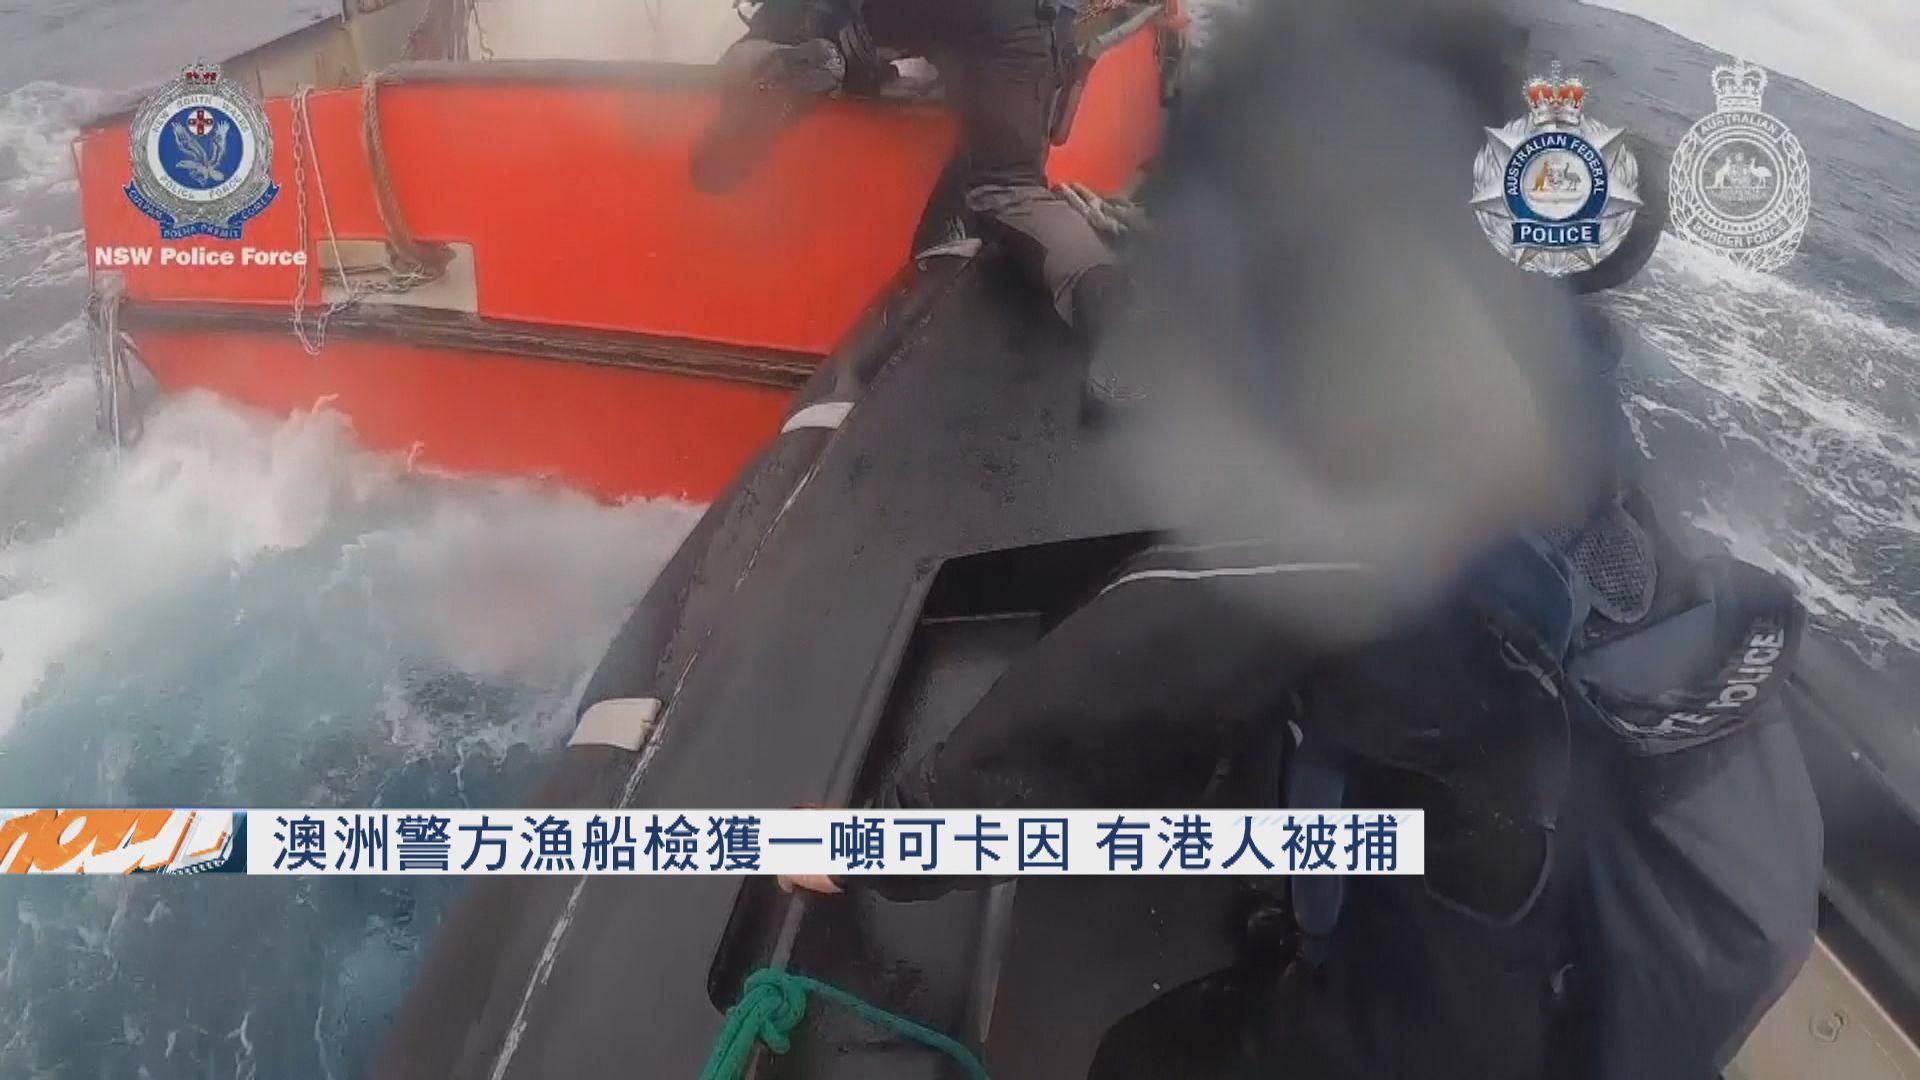 澳洲警方漁船檢獲一噸可卡因 有港人被捕